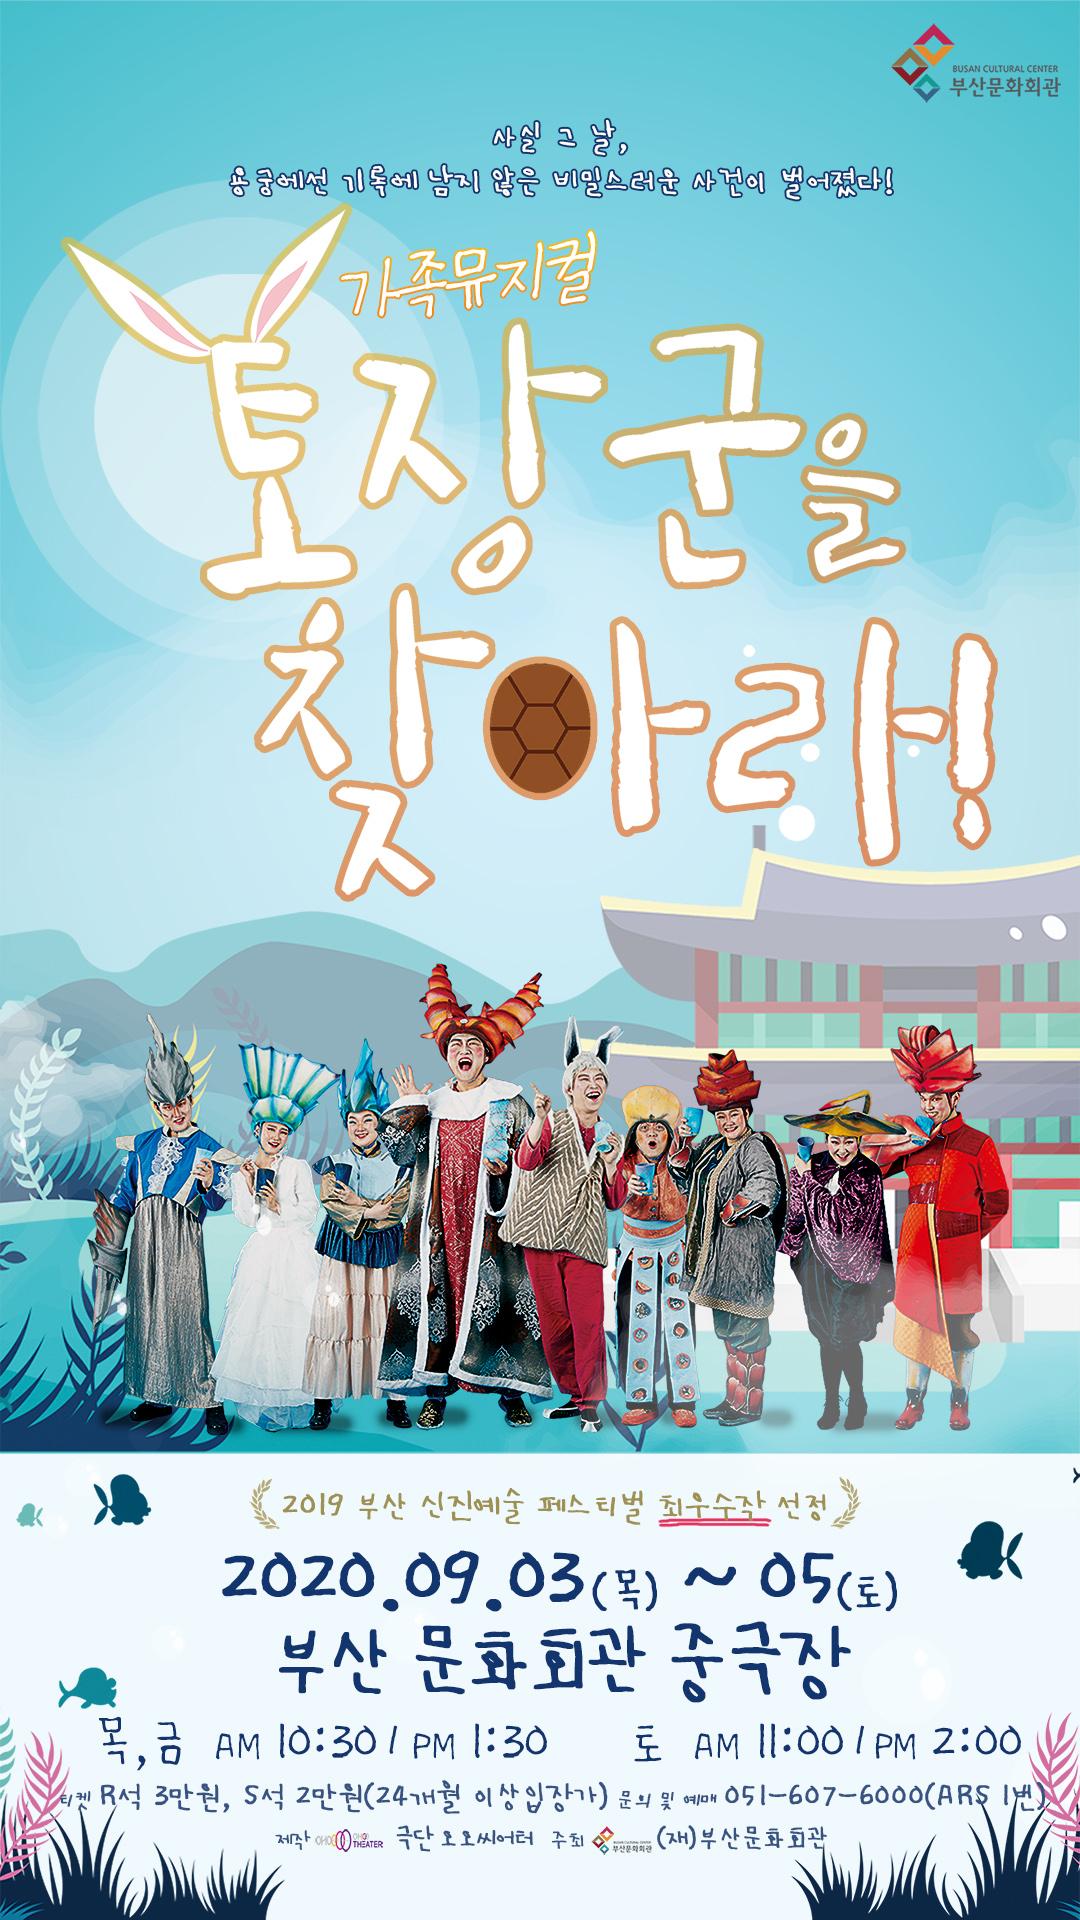 부산신진예술페스티벌 최우수작 <토장군을 찾아라>